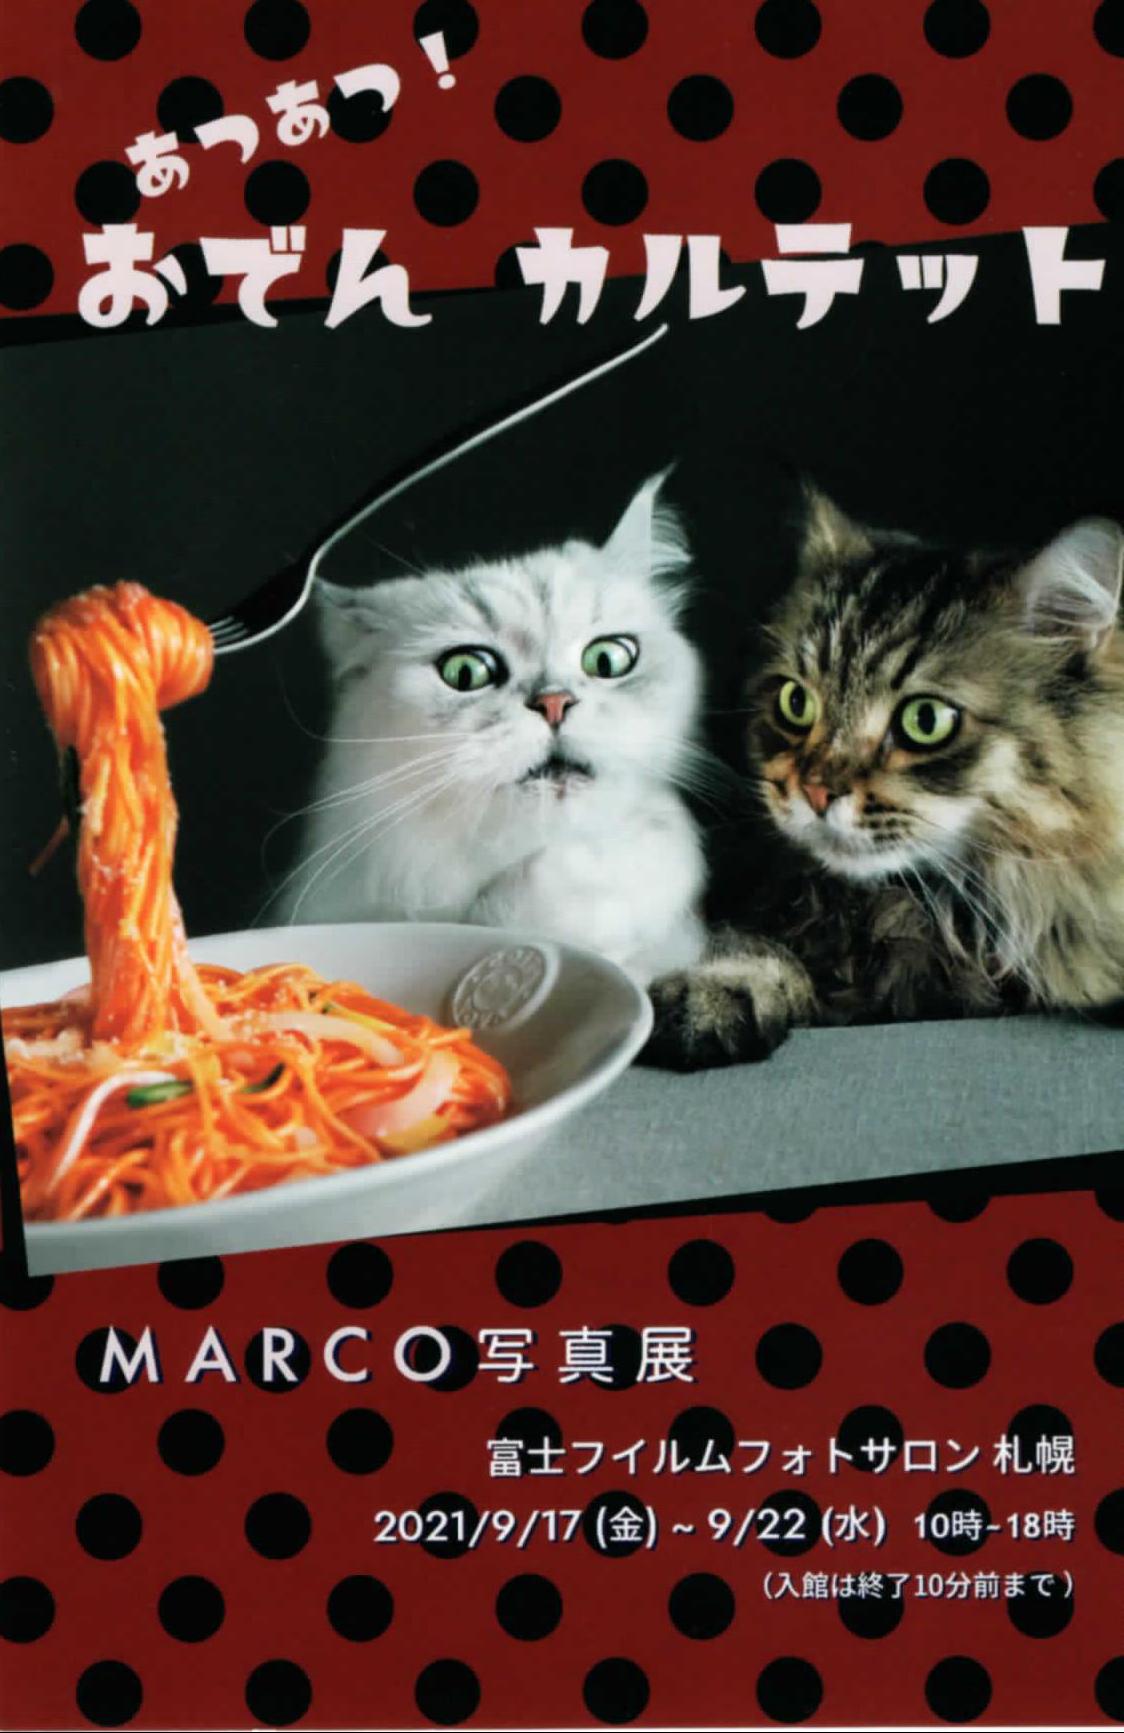 MARCO写真展:あつあつ!おでんカルテット イメージ画像